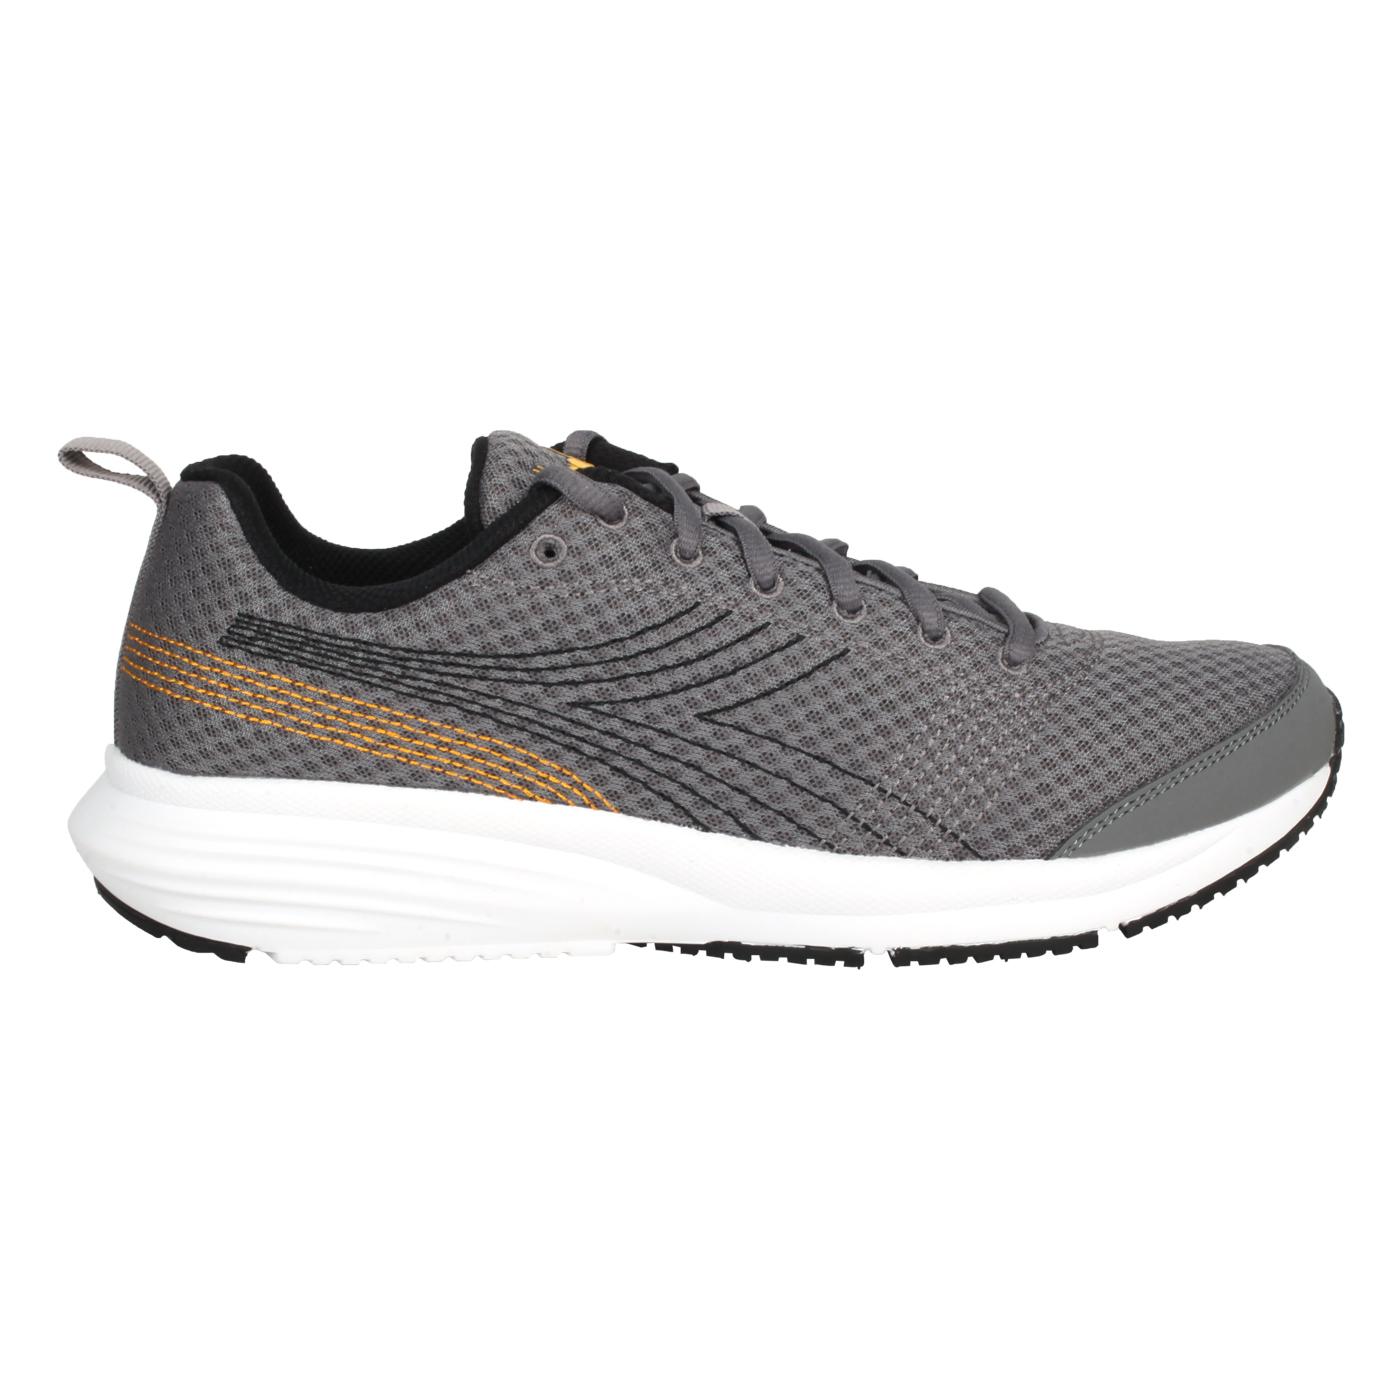 DIADORA 男款進口慢跑鞋 DA176877-C9081 - 深灰黃